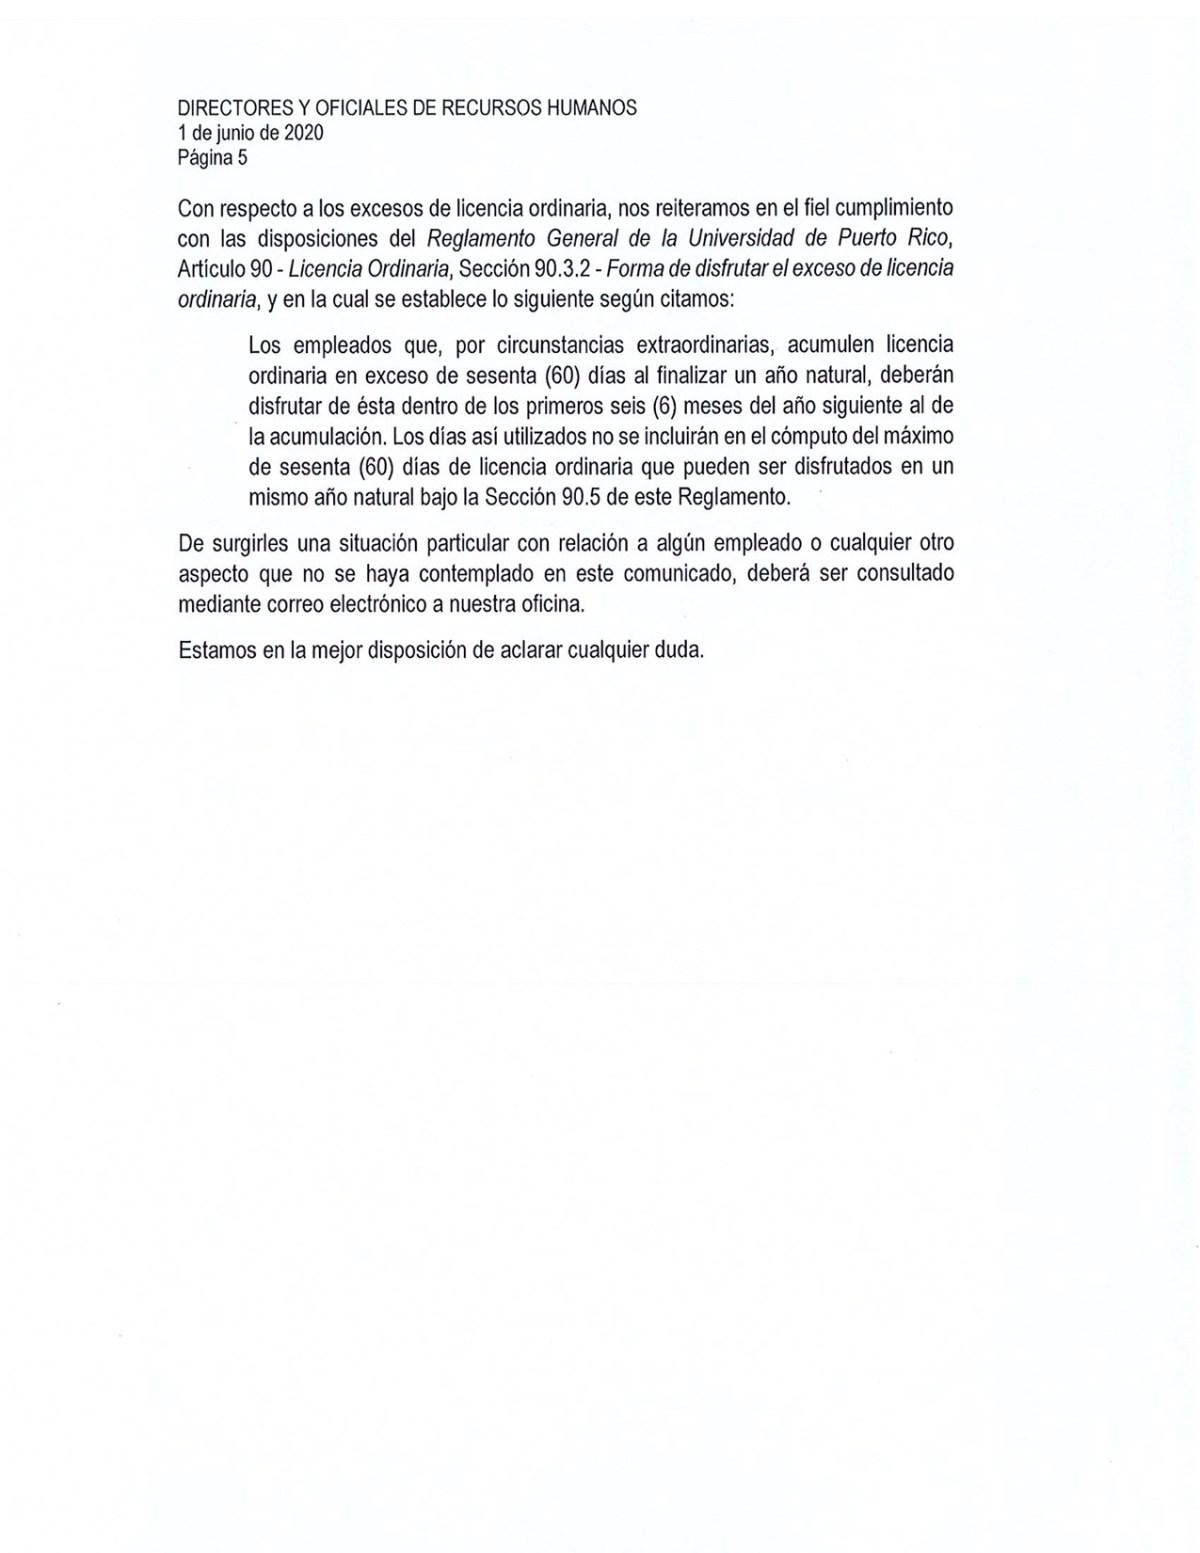 circular adm central reinicio labores presenciales UPR-5